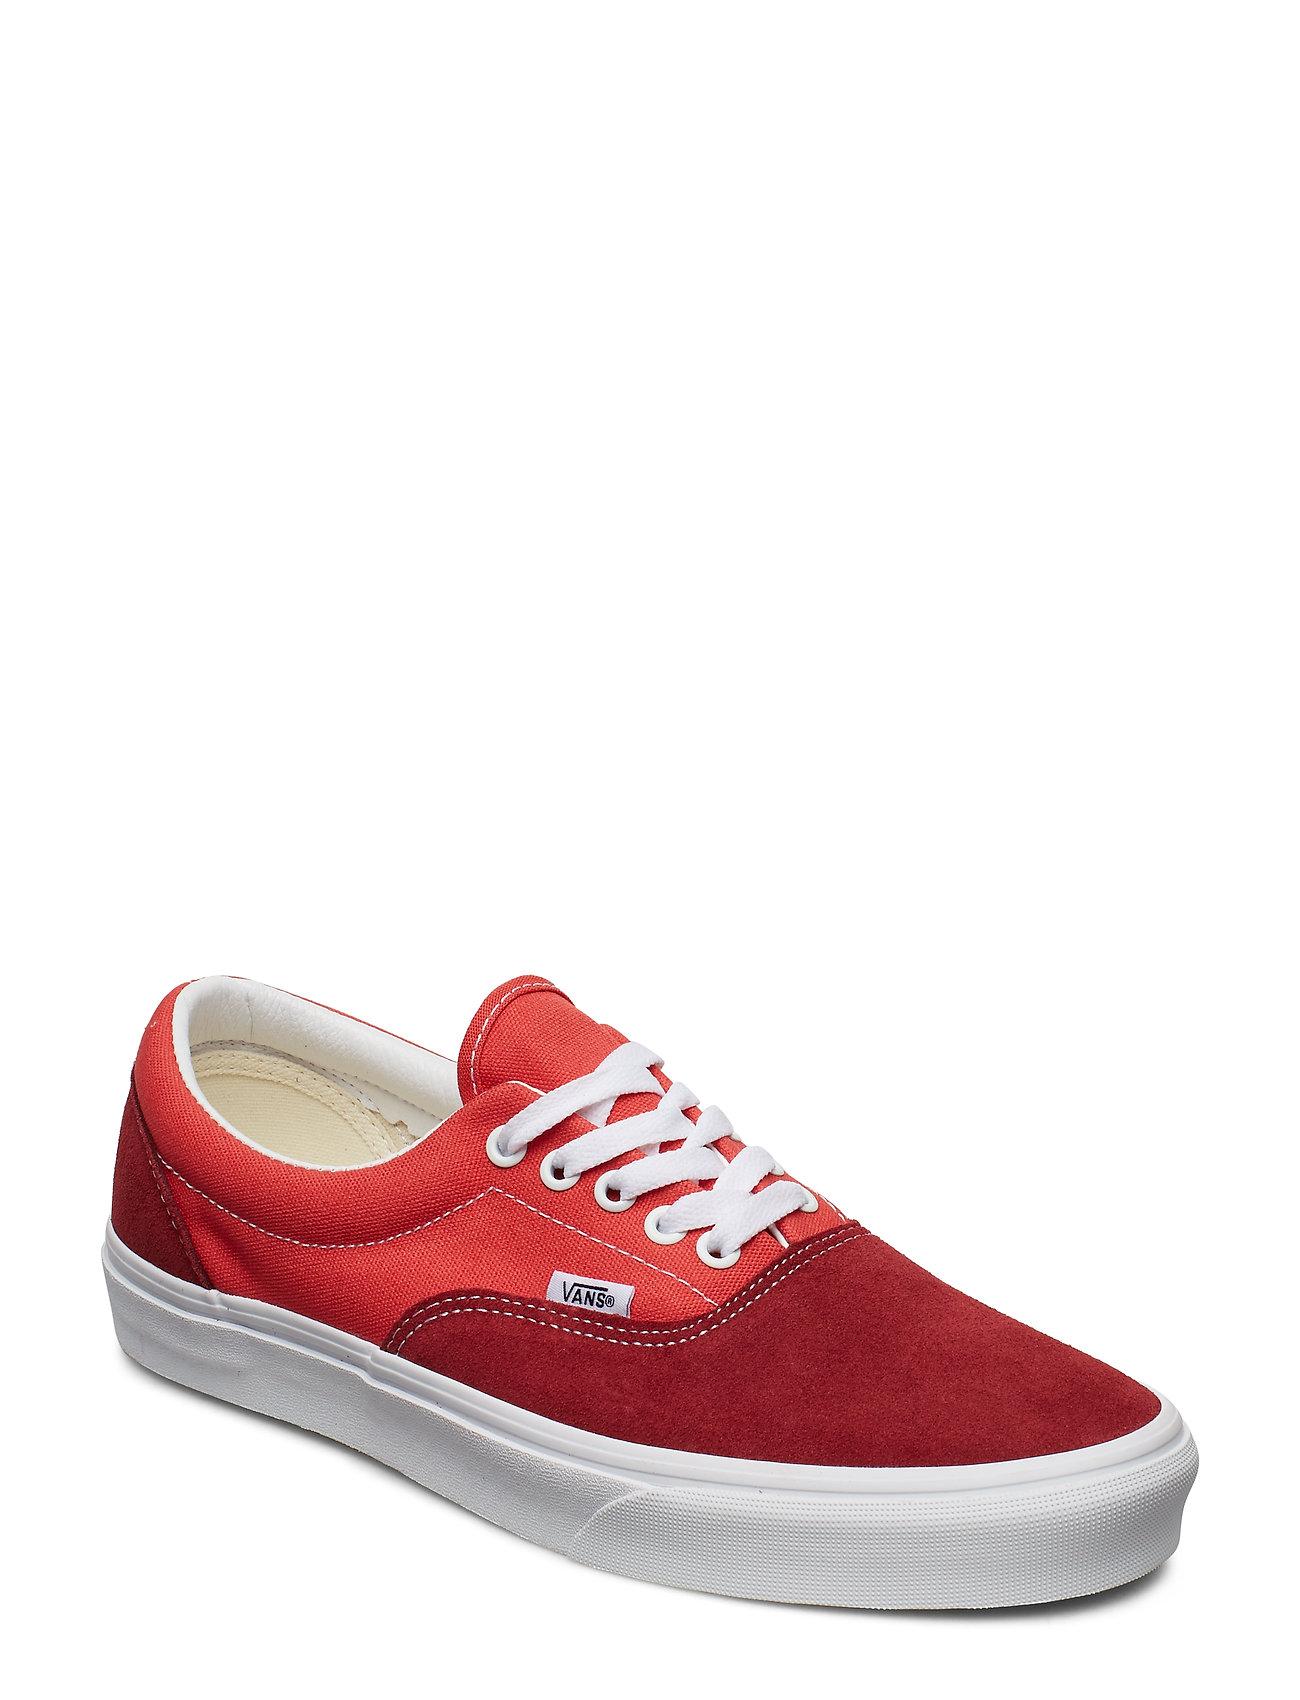 Vans Schoenen online kopen? Vergelijk op Vindjeschoen.nl